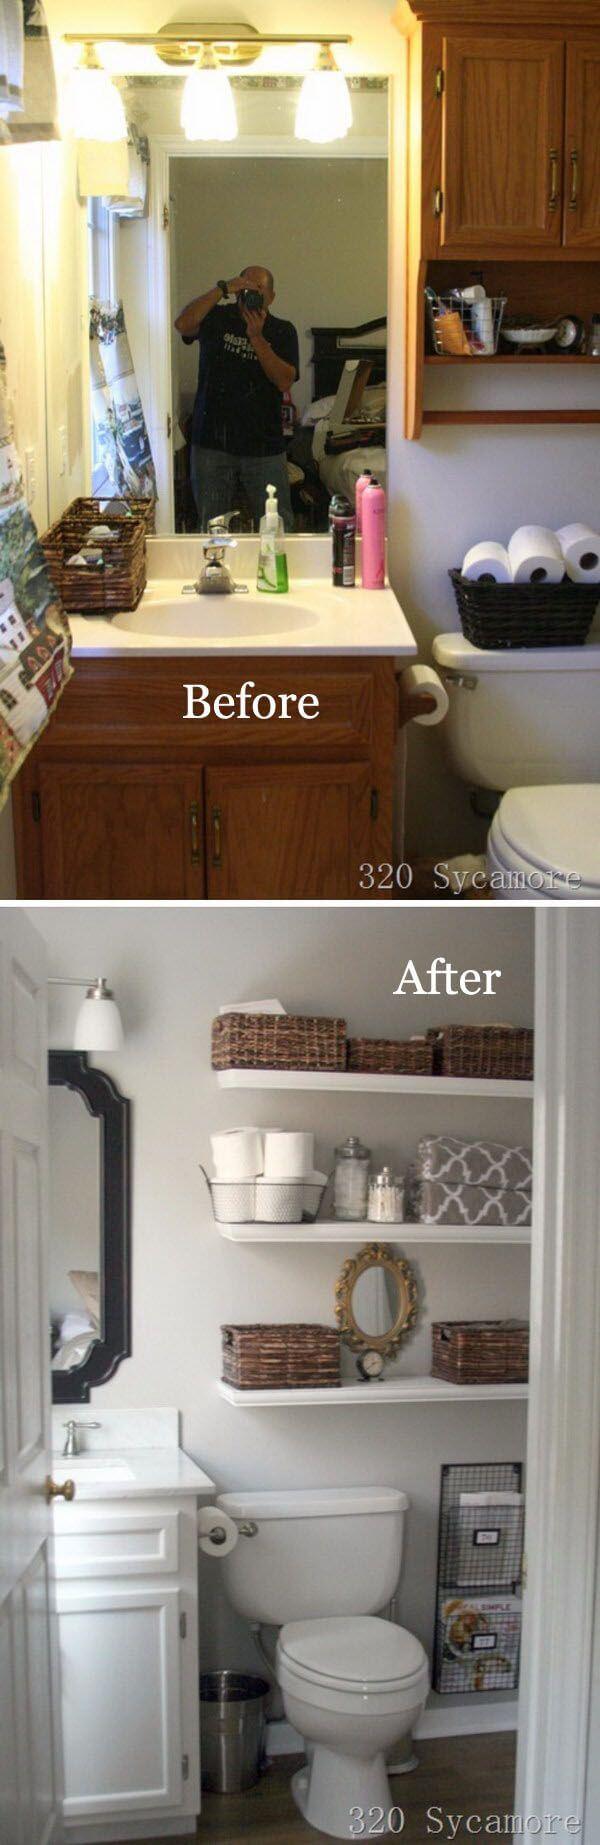 Congenial 2018 Bathroom Shelf Ideas Diy Bathroom Shelf Ideas Uk Designs Simply Diy Bathroom Shelf Ideas Diy Bathroom Shelf Ideas bathroom Bathroom Shelf Decorations